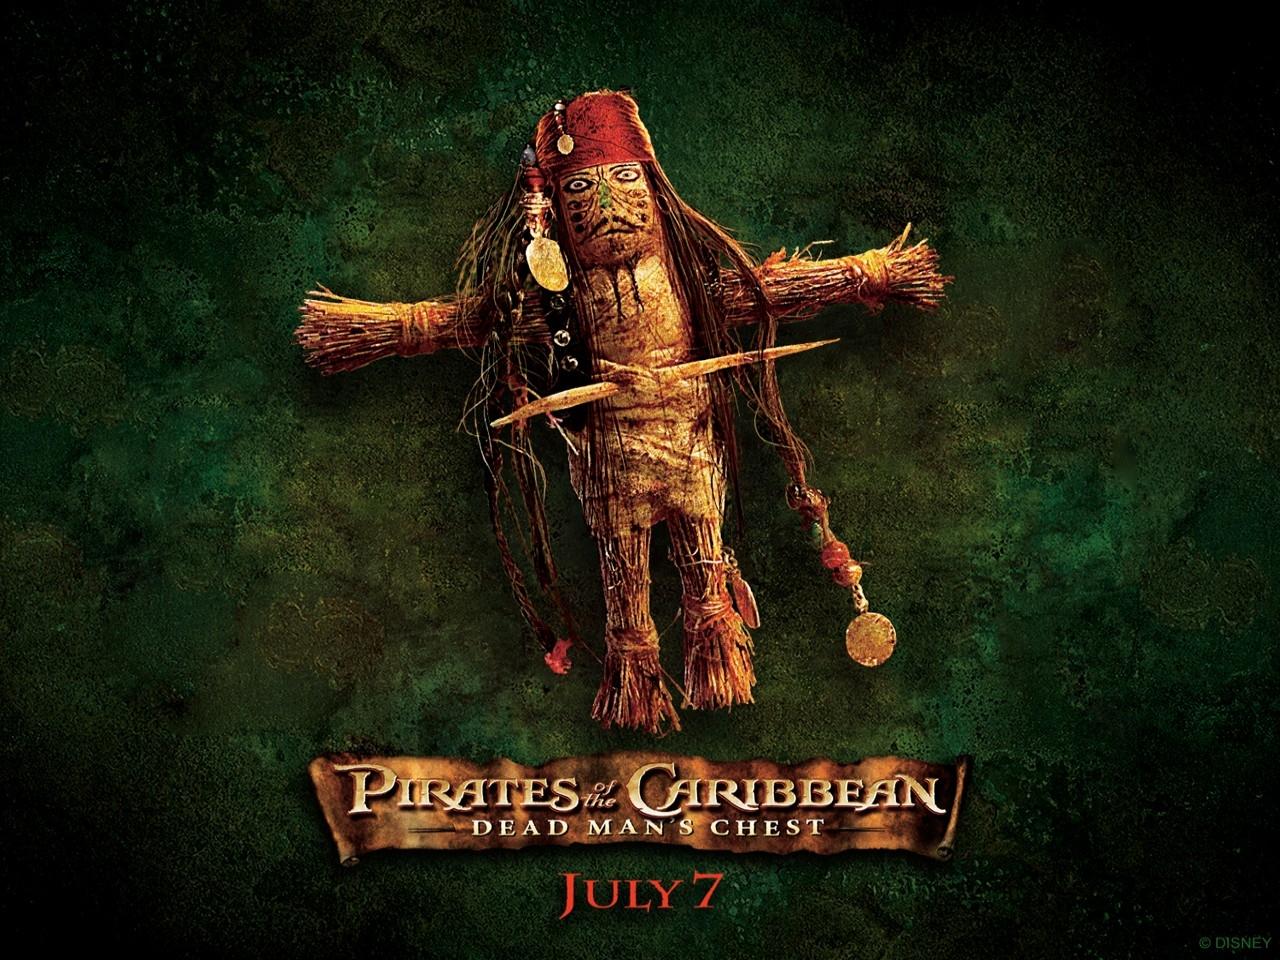 Wallpaper del film Pirati dei Caraibi - La maledizione del forziere fantasma